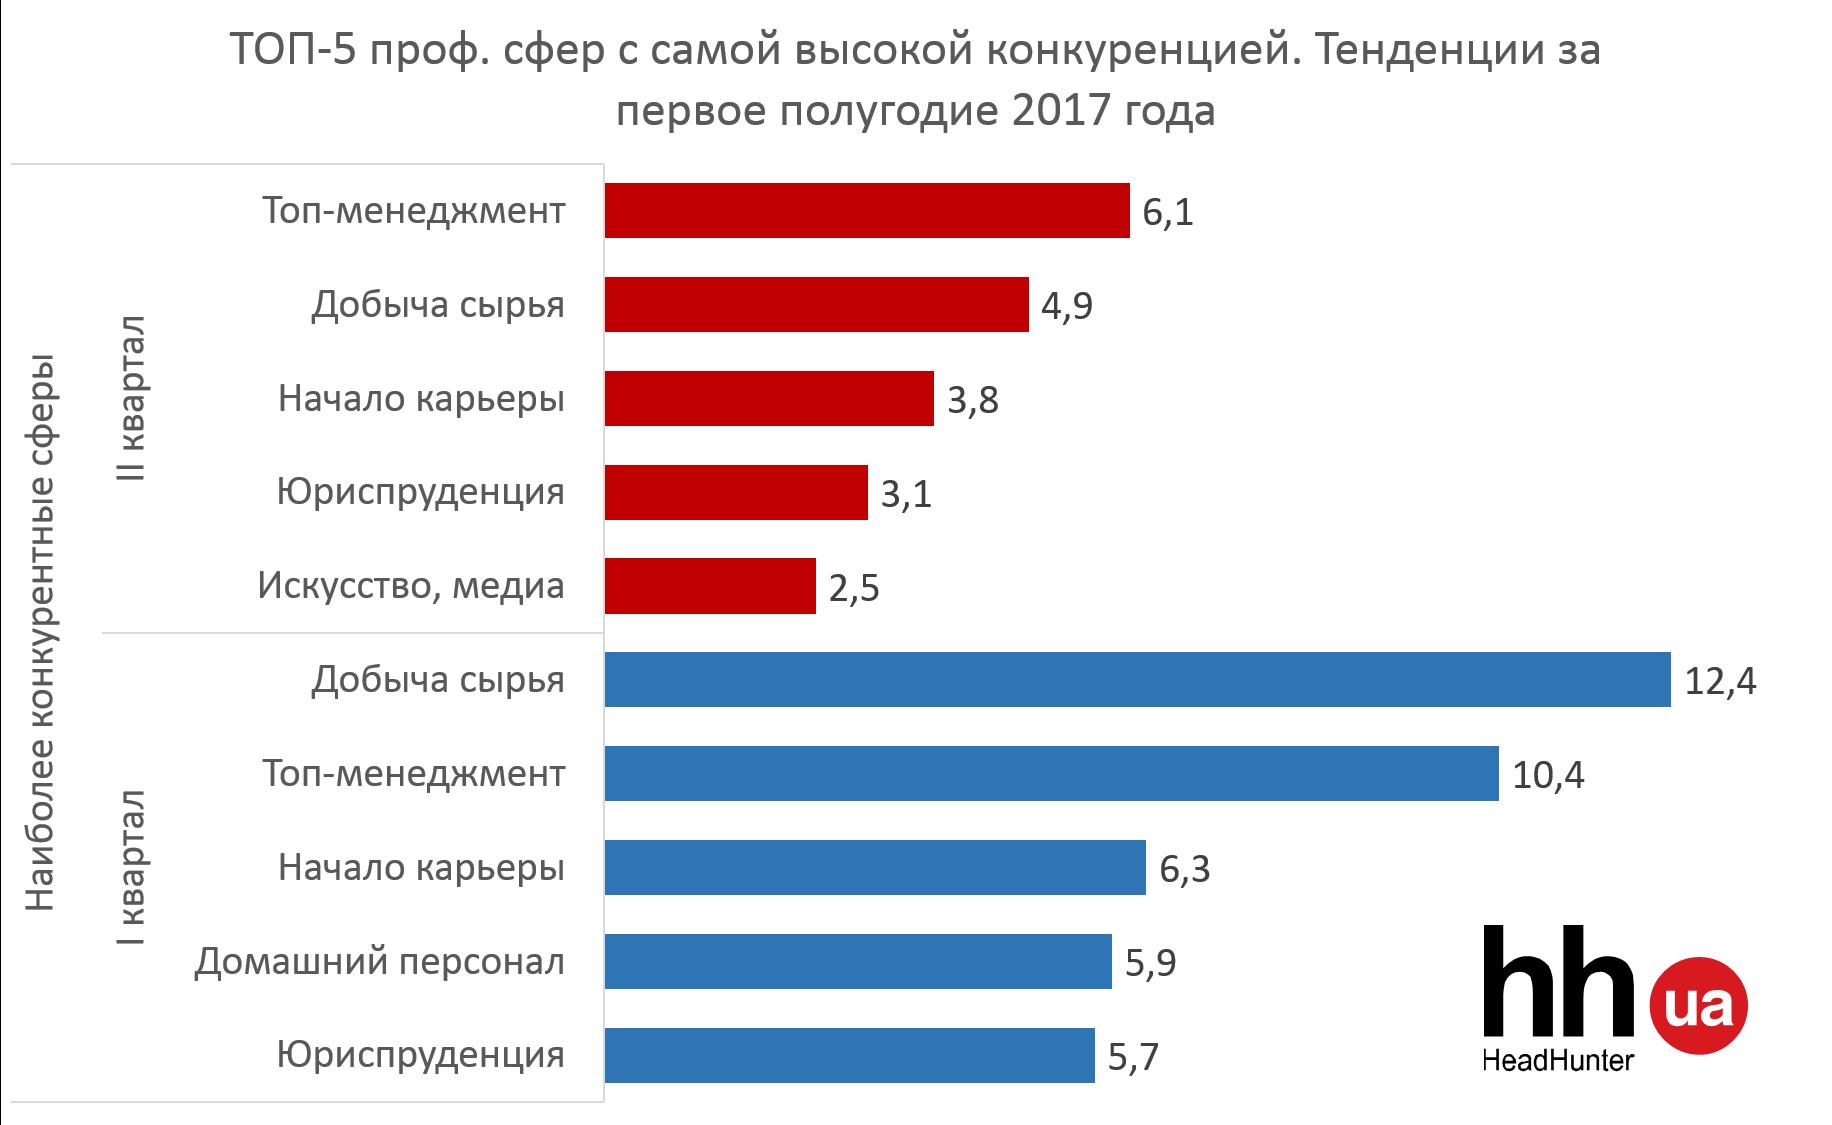 ТОП-5 проф. сфер с самой высокой и самой низкой конкуренцией за I полугодие 2017